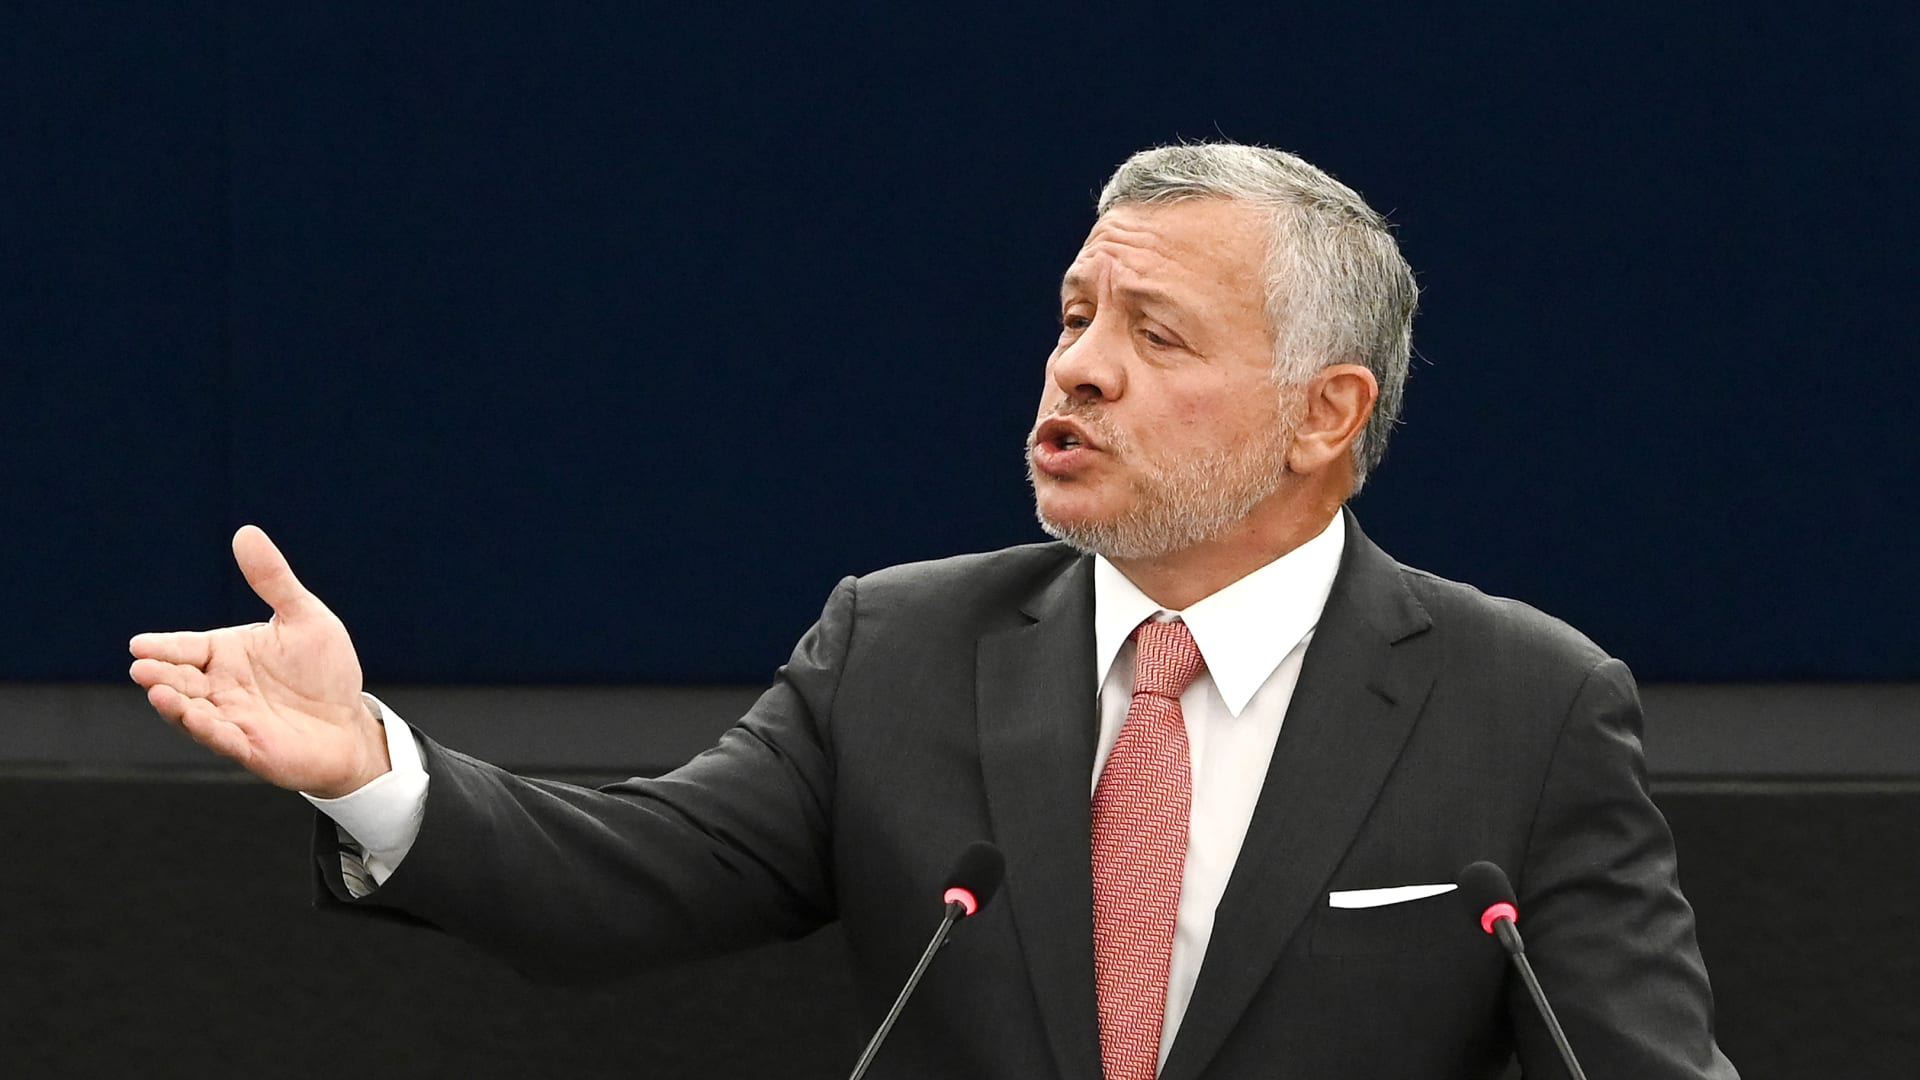 عاهل الأردن يدين إجراءات إسرائيل بالقدس.. ويرفض إخلاء عائلات حي الشيخ جراح